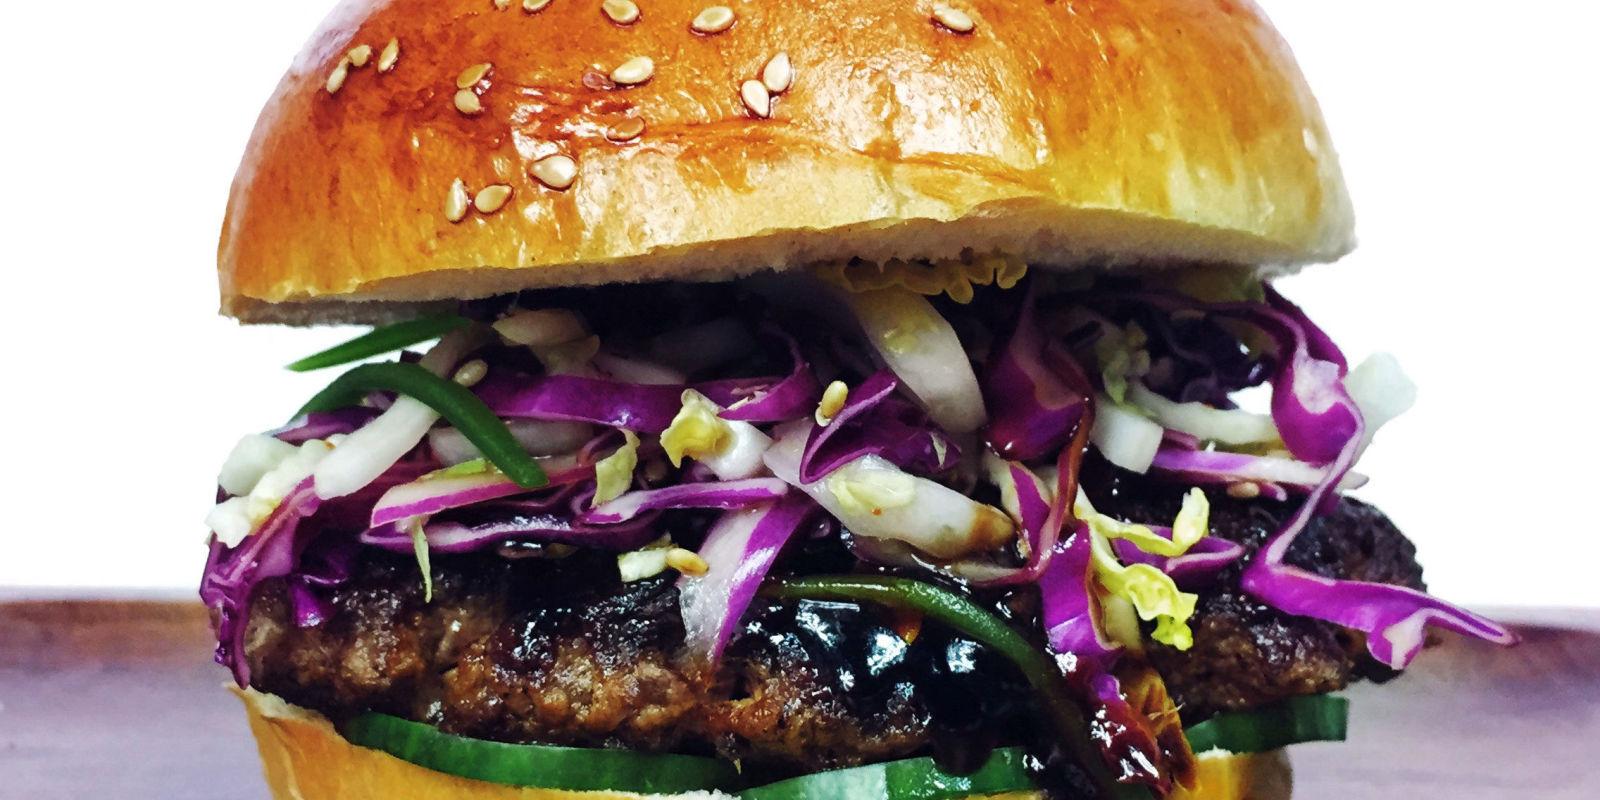 Korean BBQ Burgers Recipe - How to Make Korean Barbecue Burgers